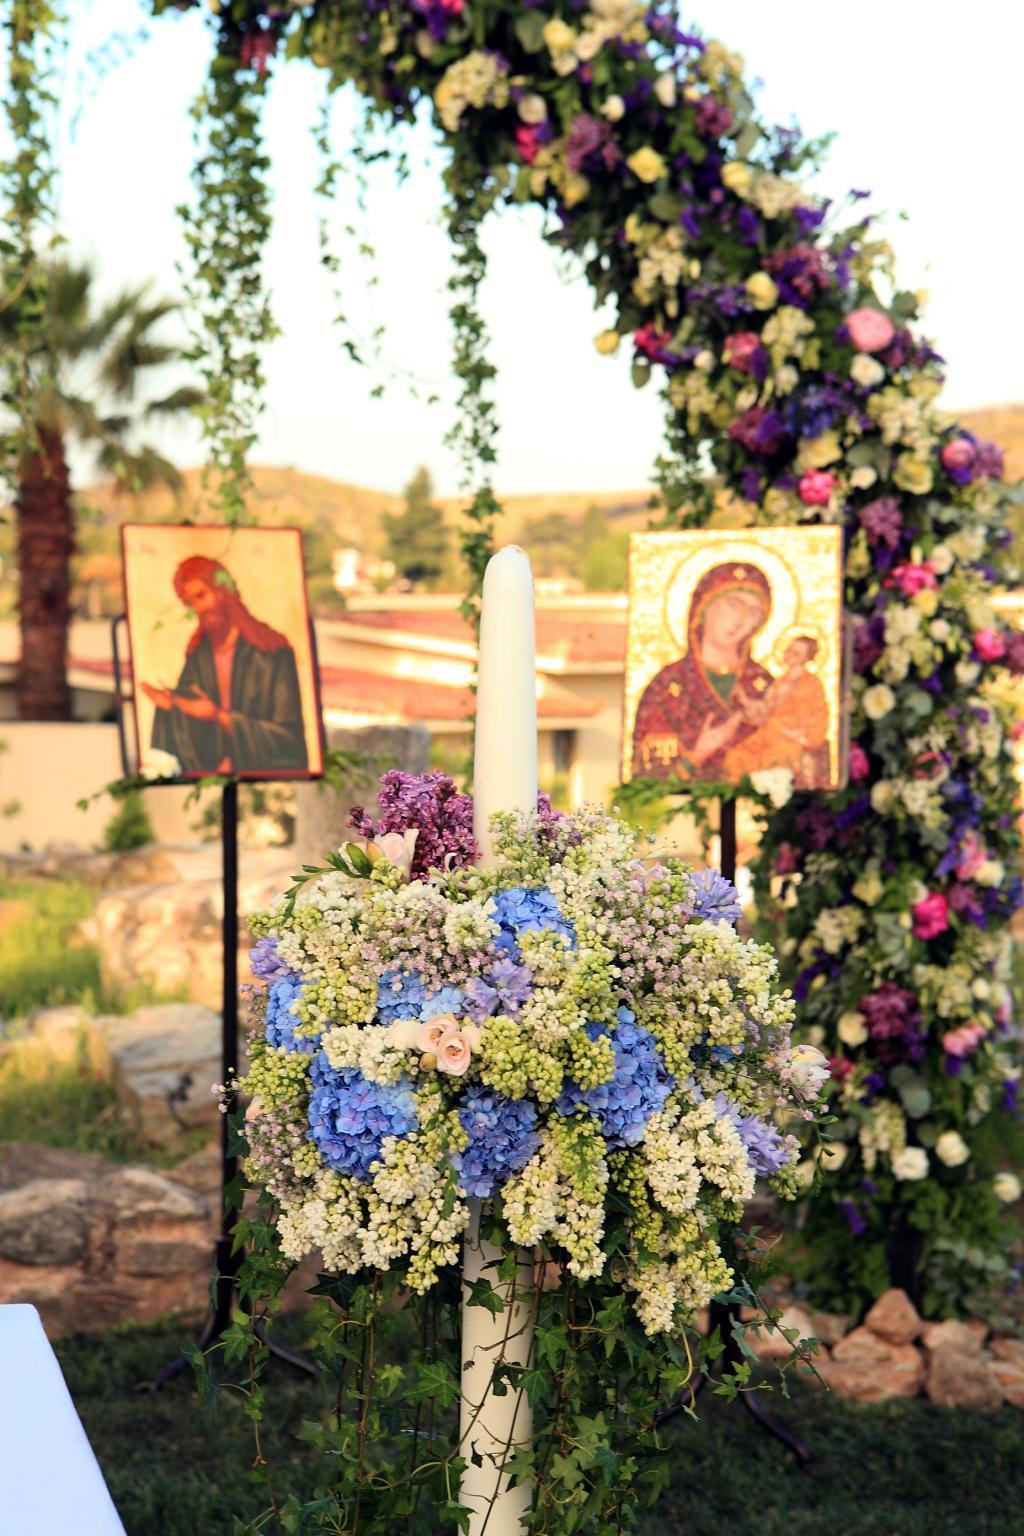 G&I Athens wedding - Image 3